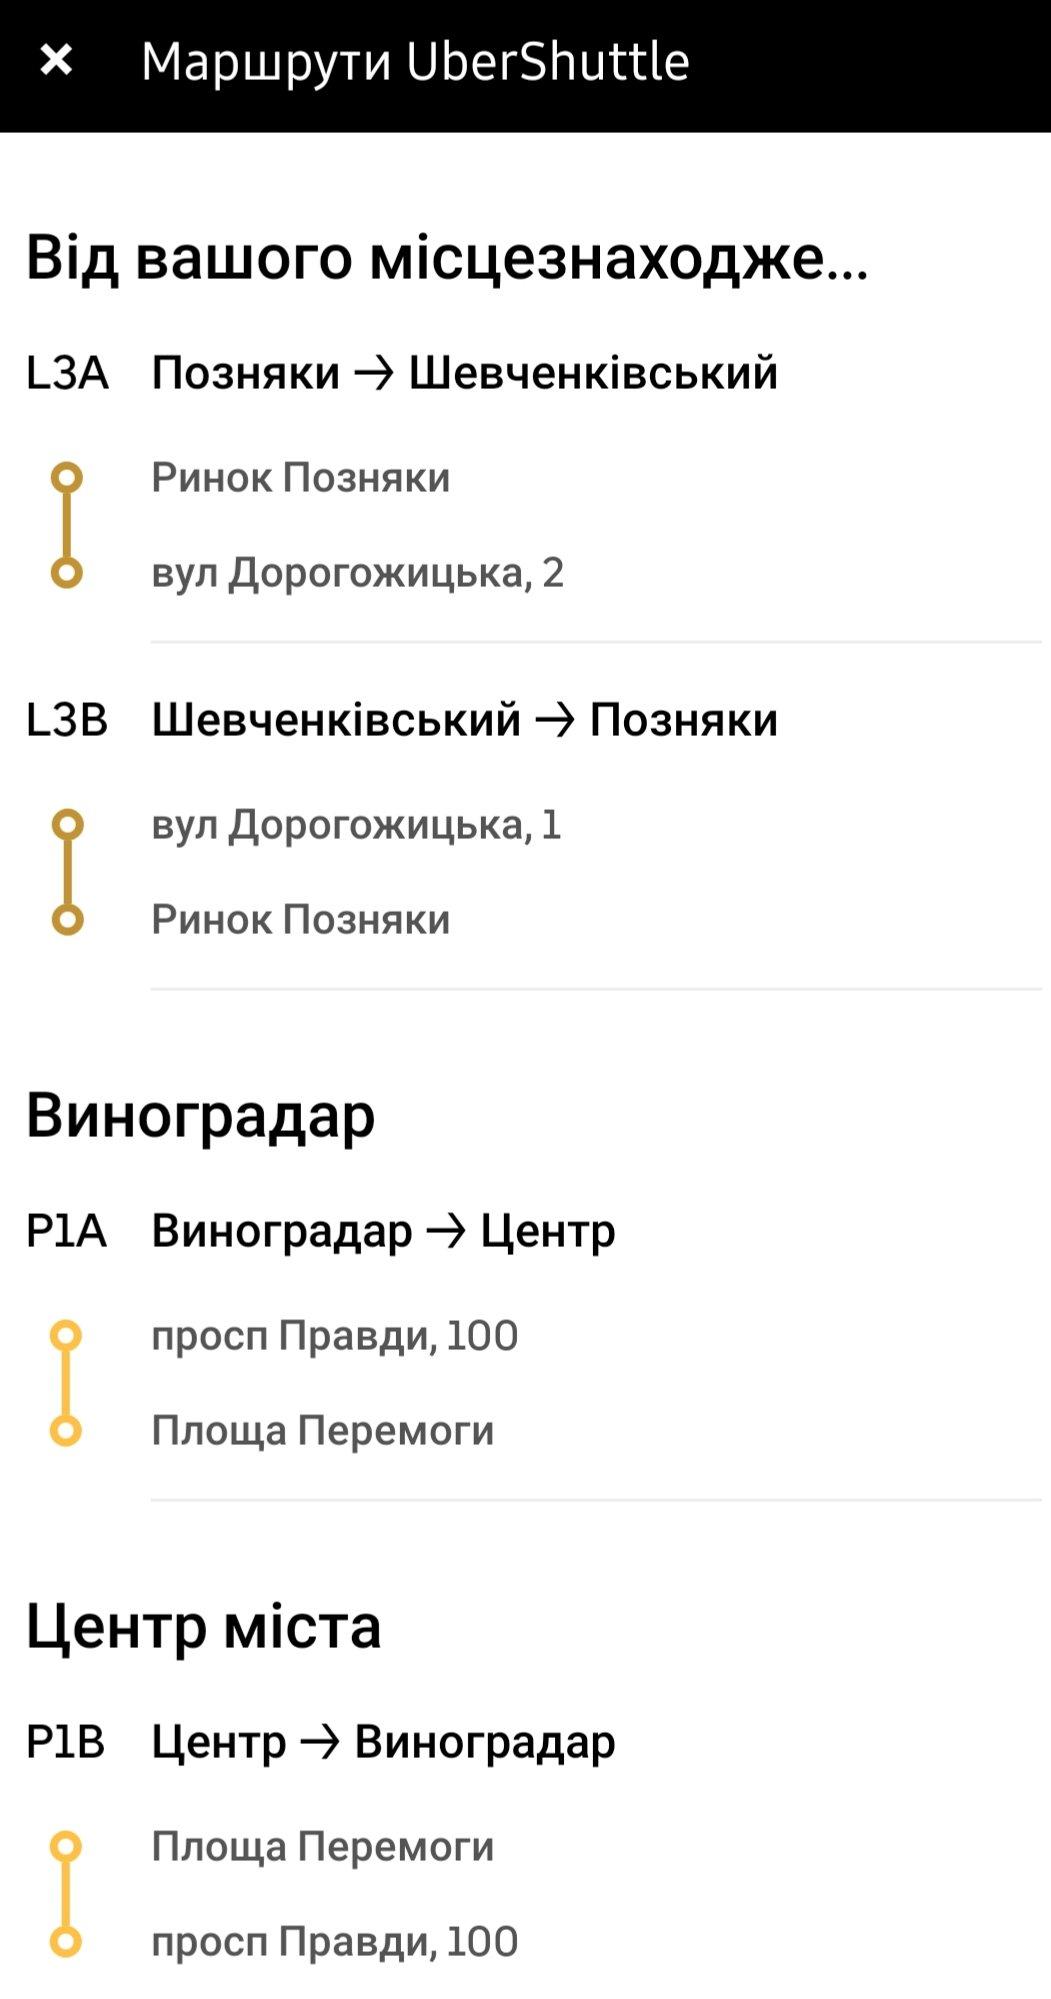 """Маршрутки Киева: где ездят, как работают и сколько стоит проезд в автобусах """"Uber Shuttle"""", фото-2"""